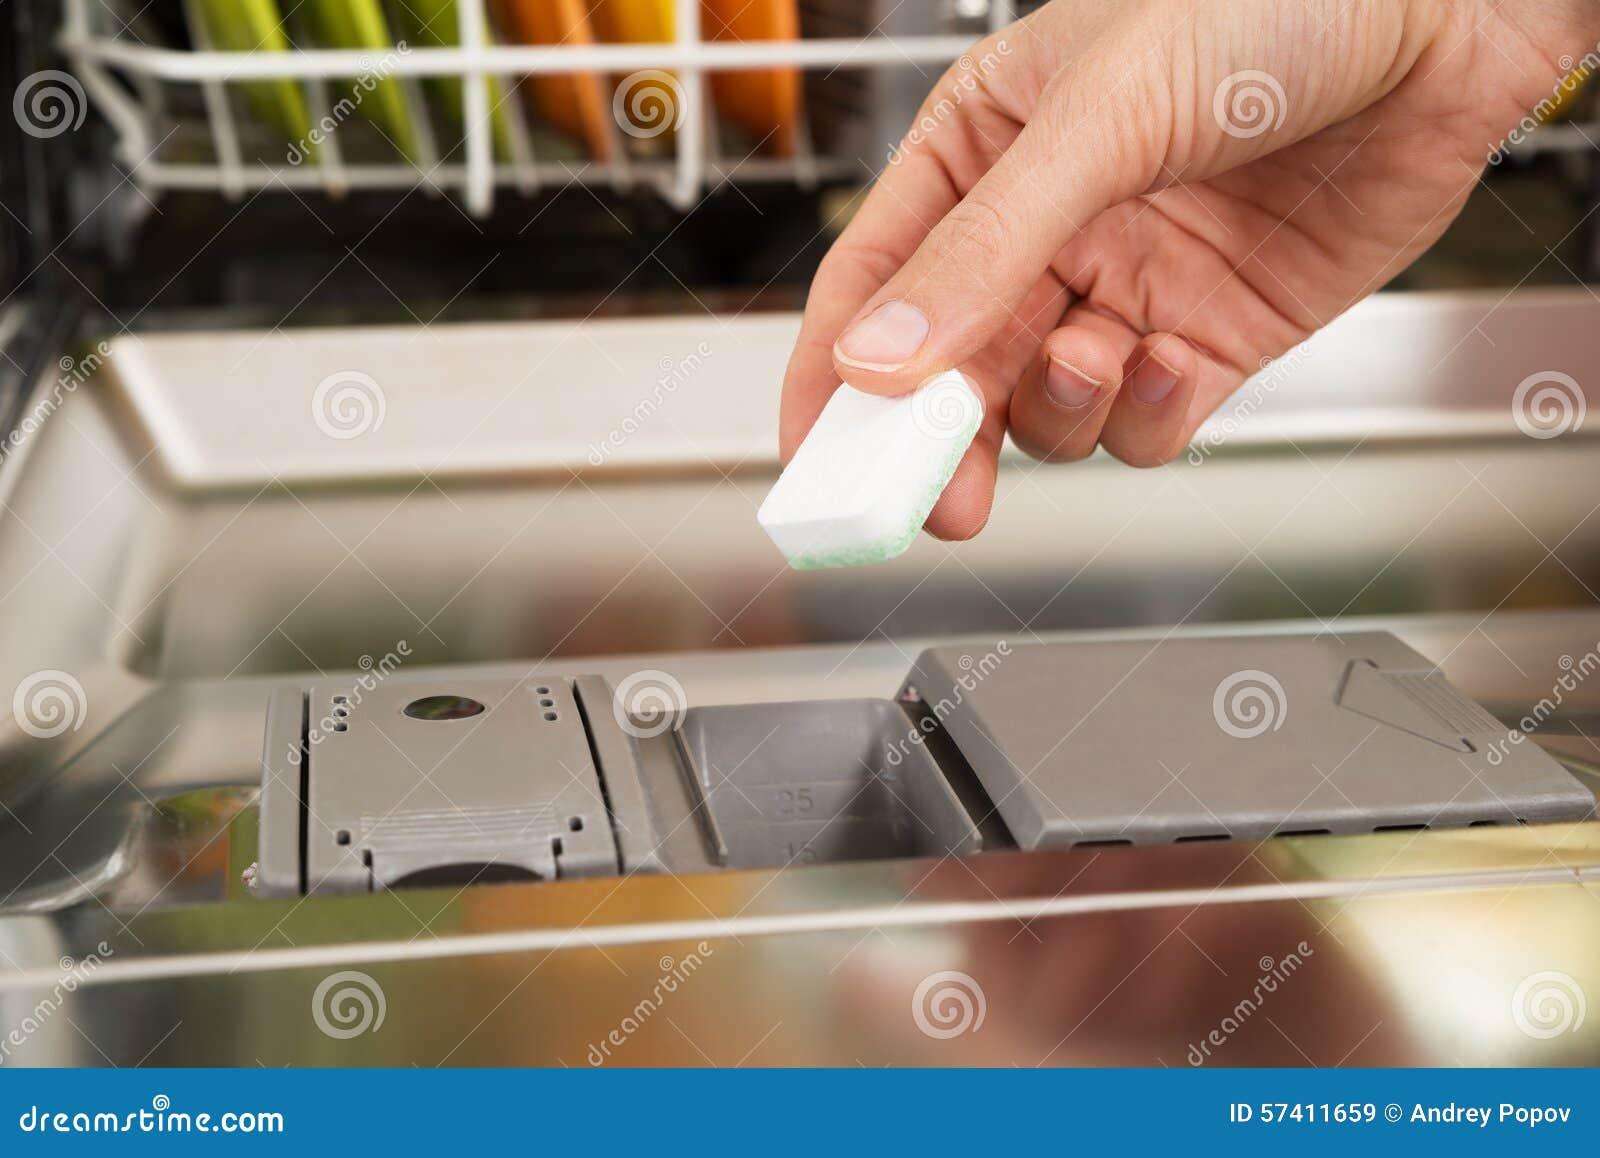 Person Hands Putting Dishwasher Tablet in der Spülmaschine Box